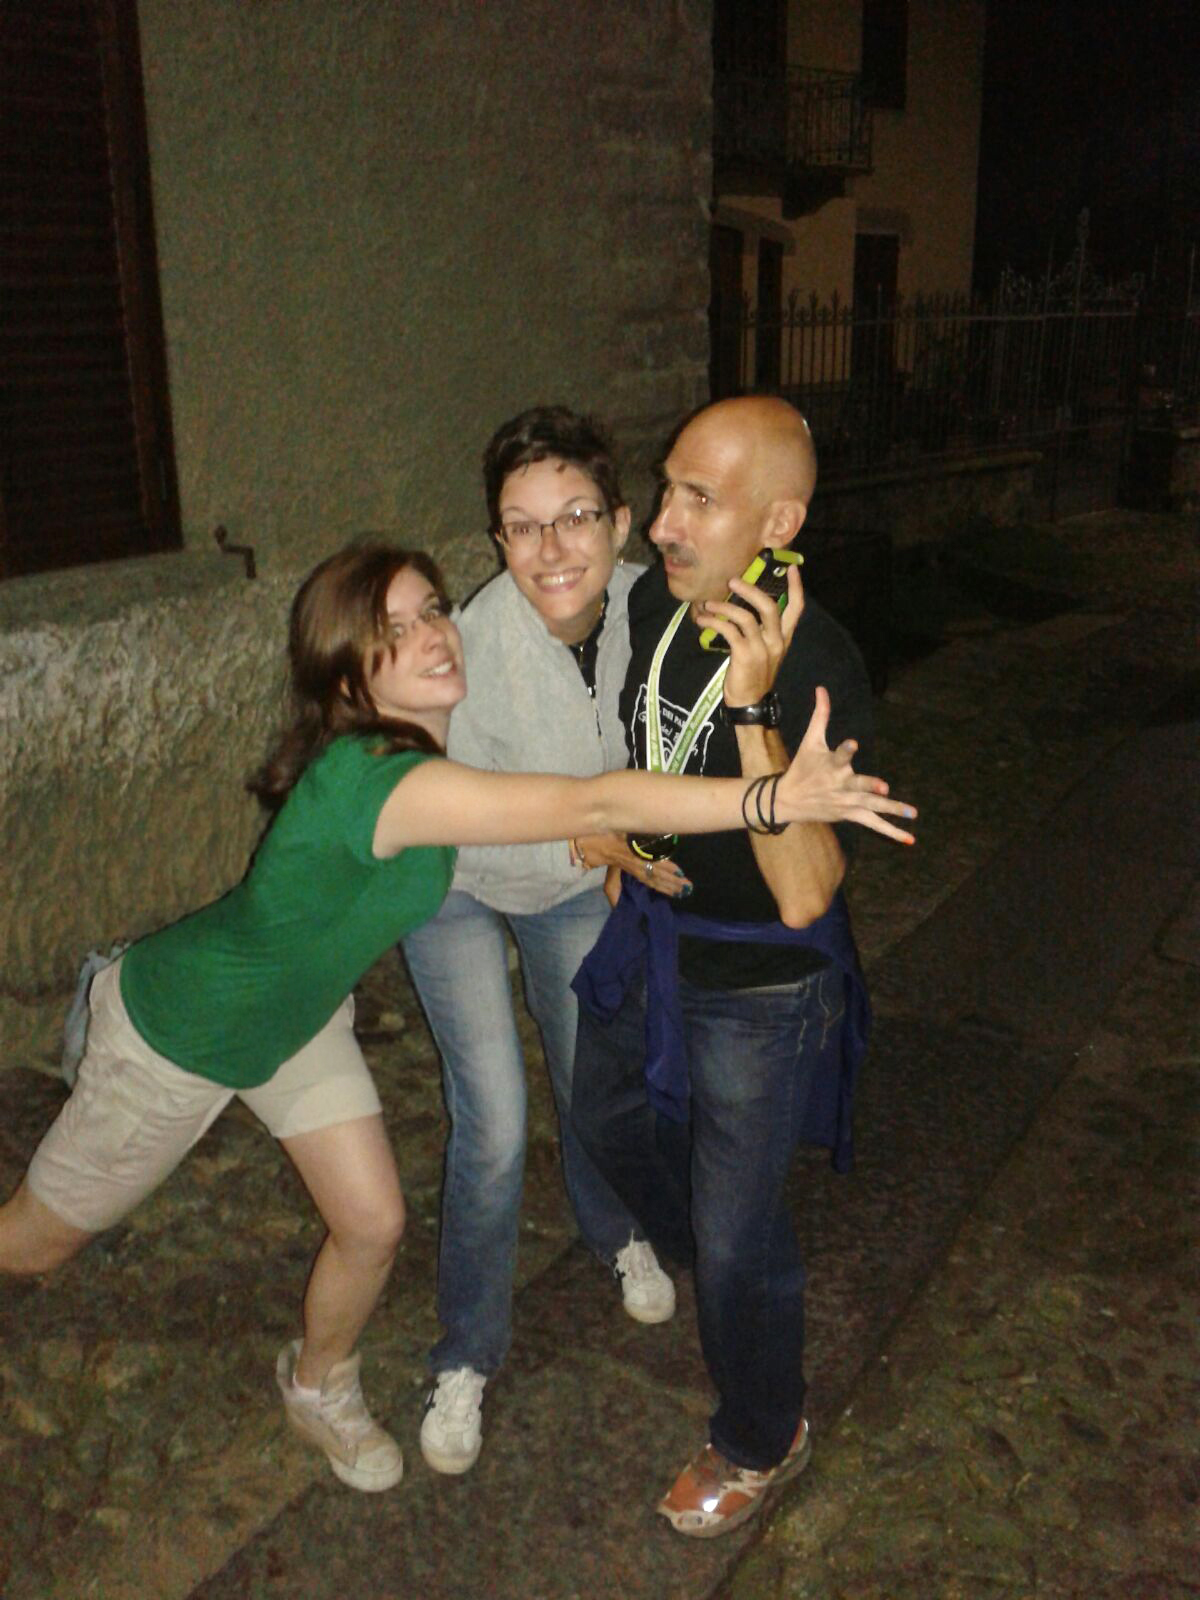 La scrittrice Veronica Rosazza Prin ferma il campione del mondo Silvio Balzaretti dopo la medaglia d'oro di corsa in montagna. Con Marina Martiner testa.